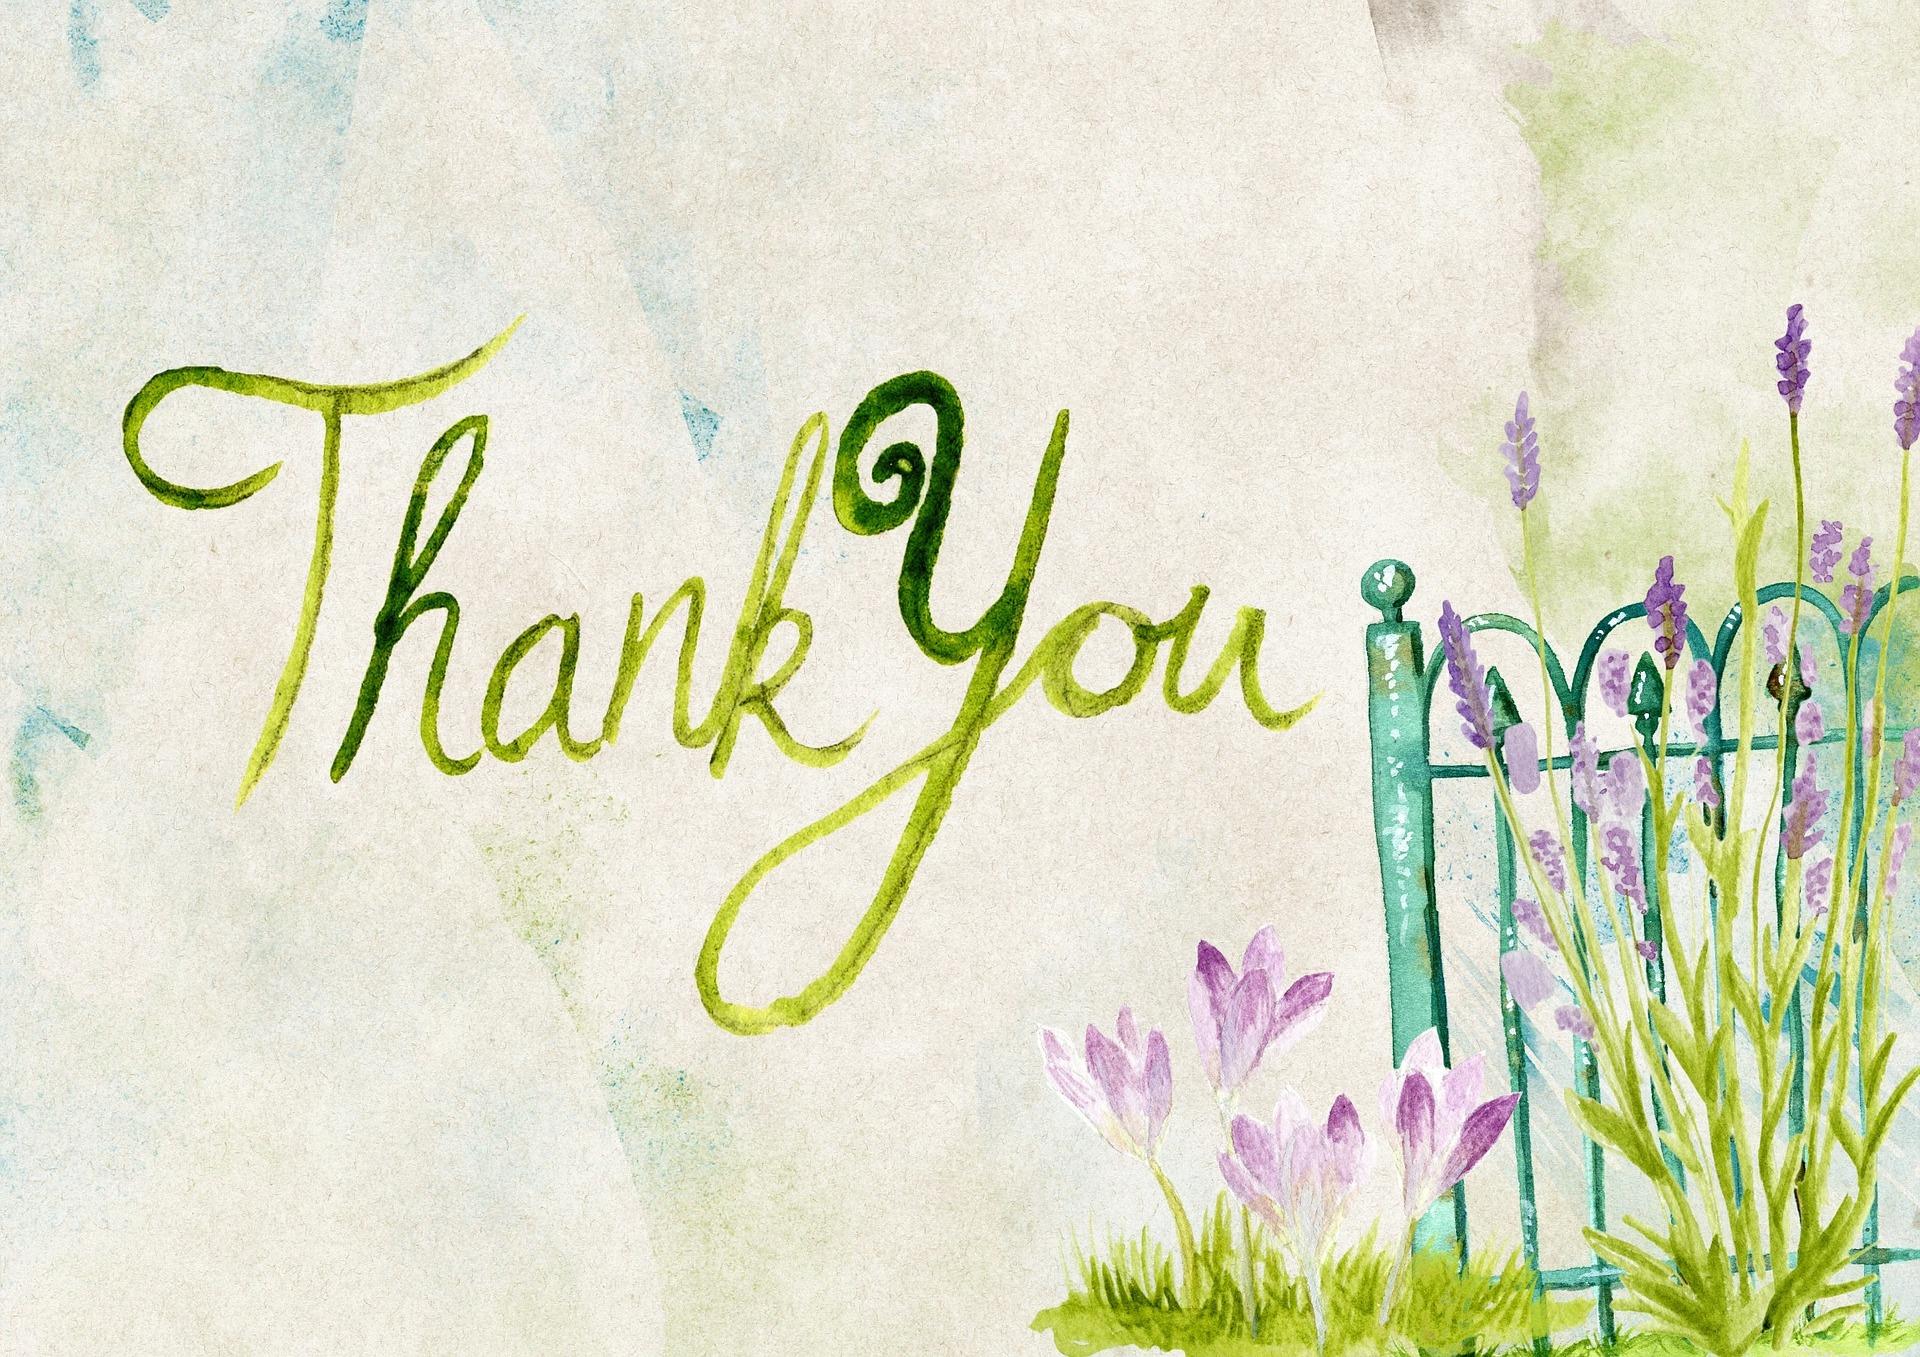 Comment remercier ses hôtes après avoir passé des vacances chez eux ?